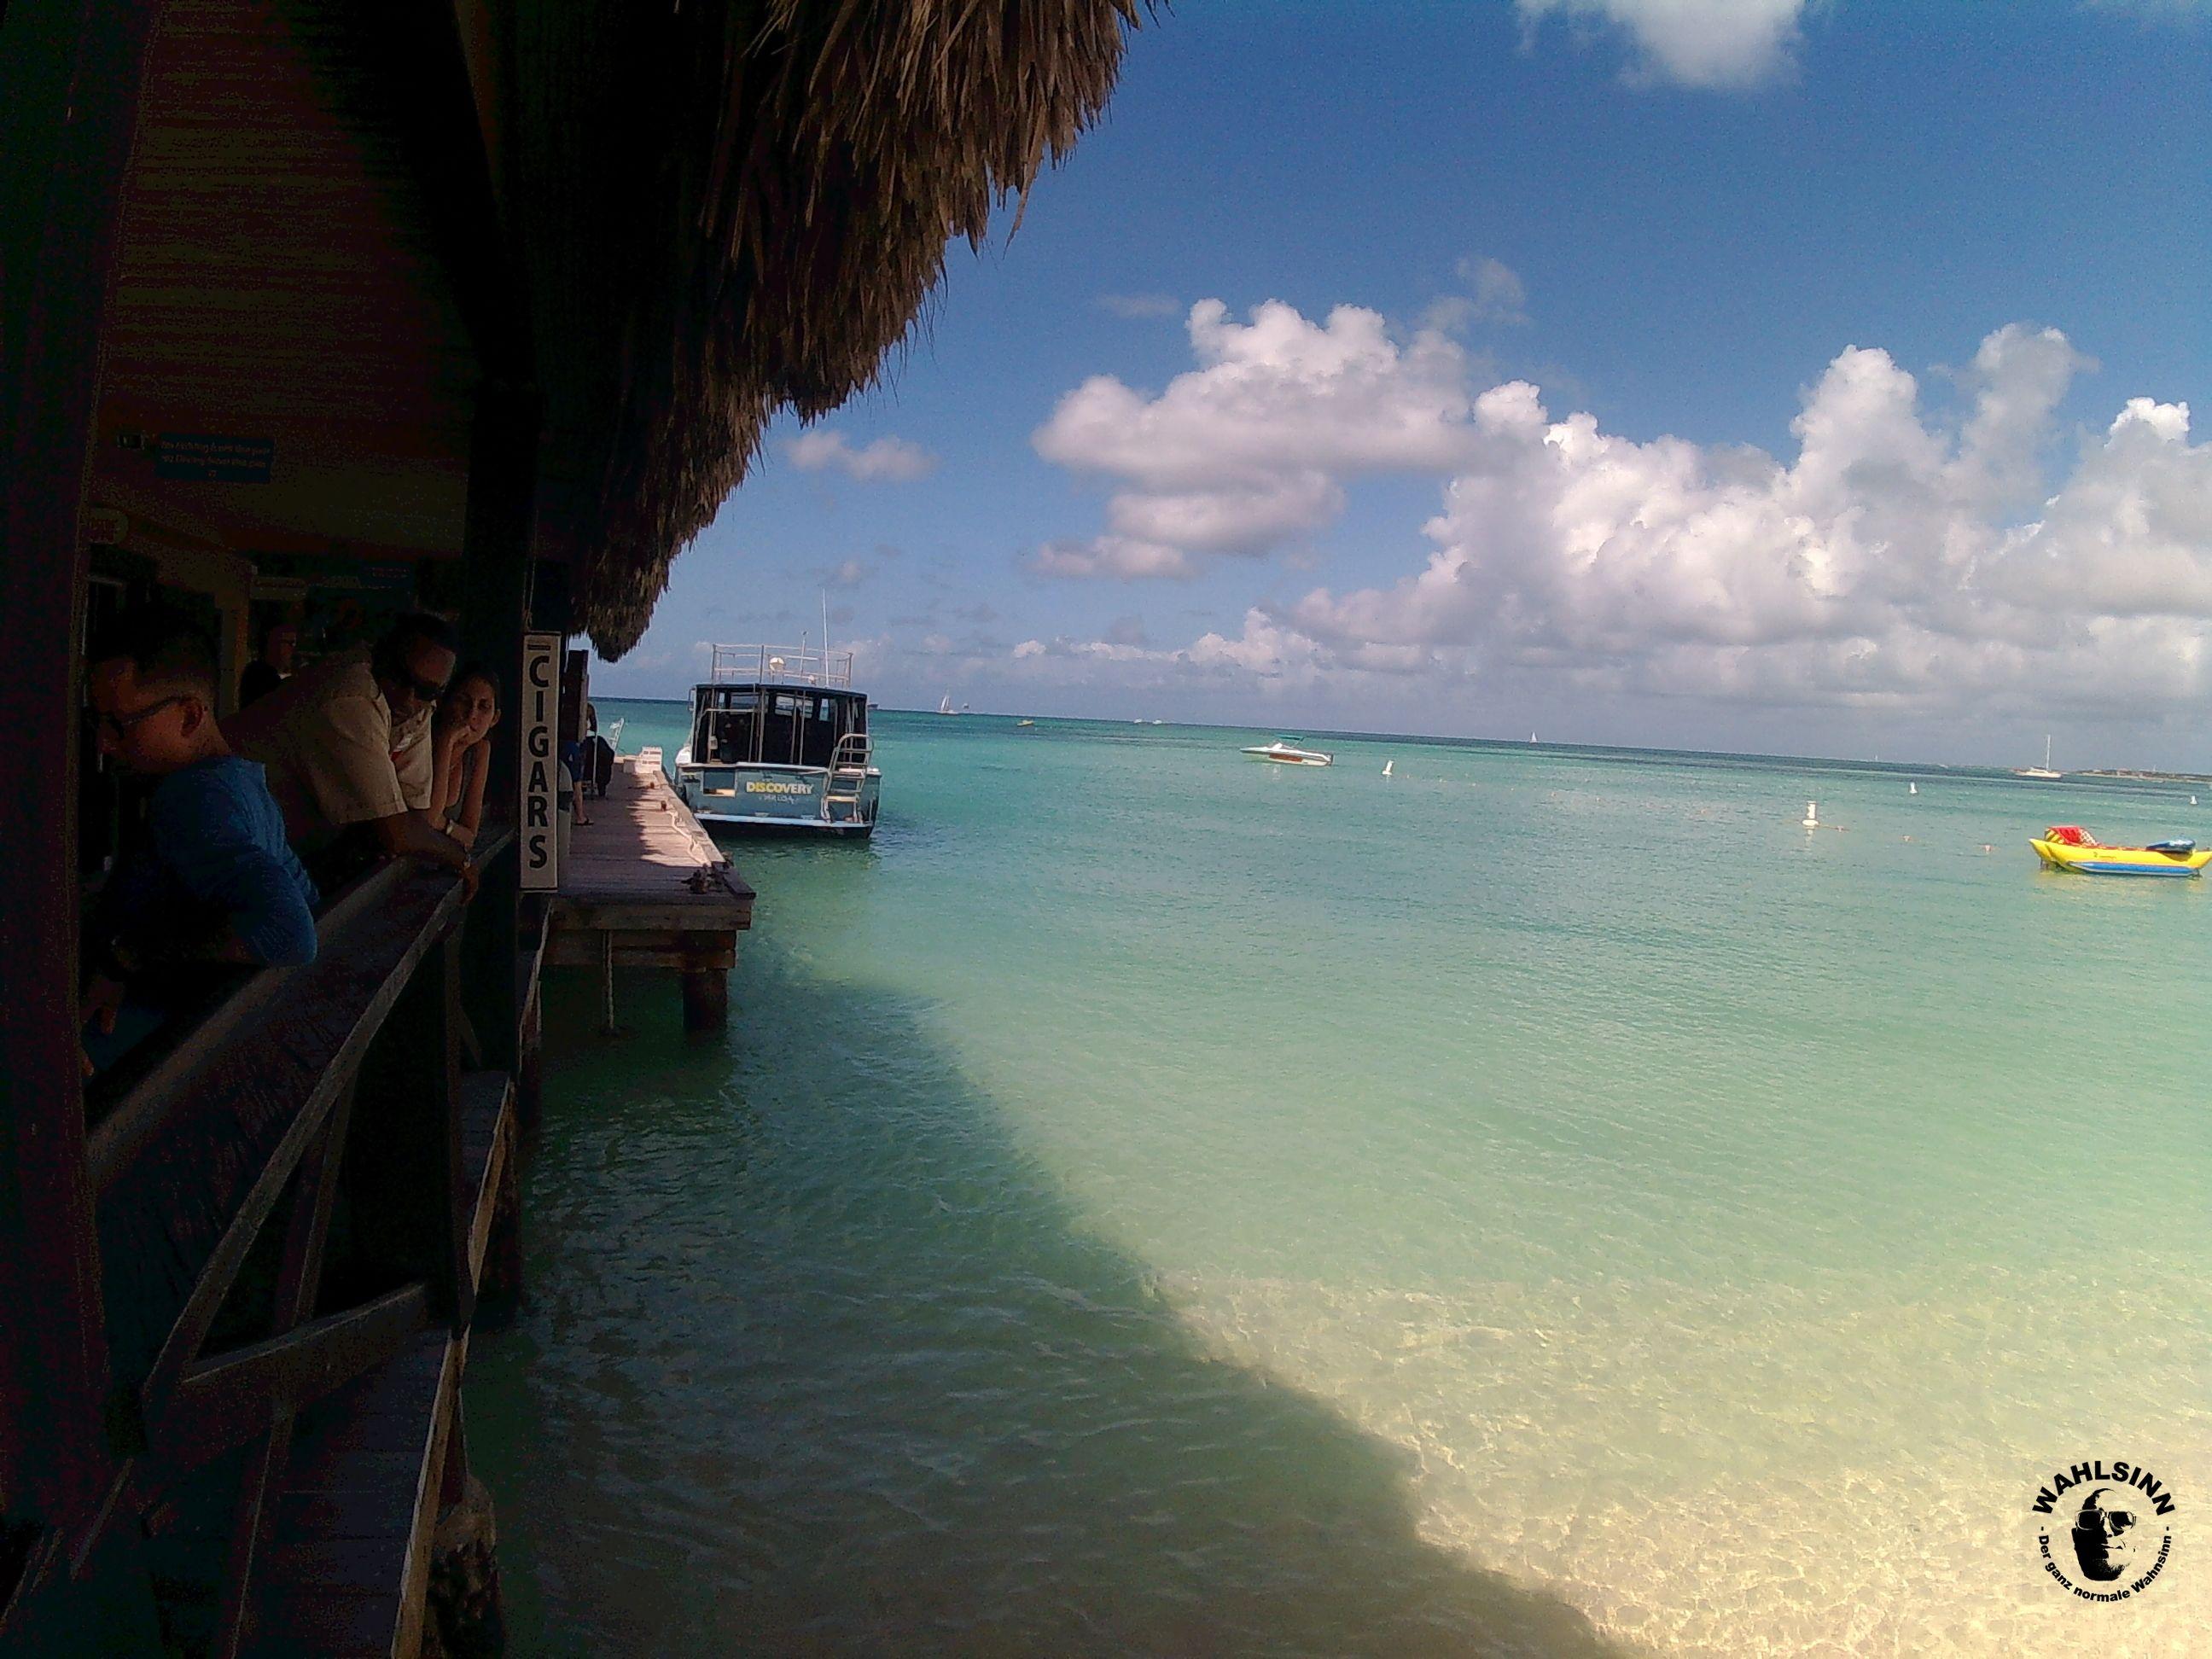 Aruba - einer der Traumhaften Strände. Traumhafte Farben, traumhafte temperaturen.... sagte ich schon Traumhaft?